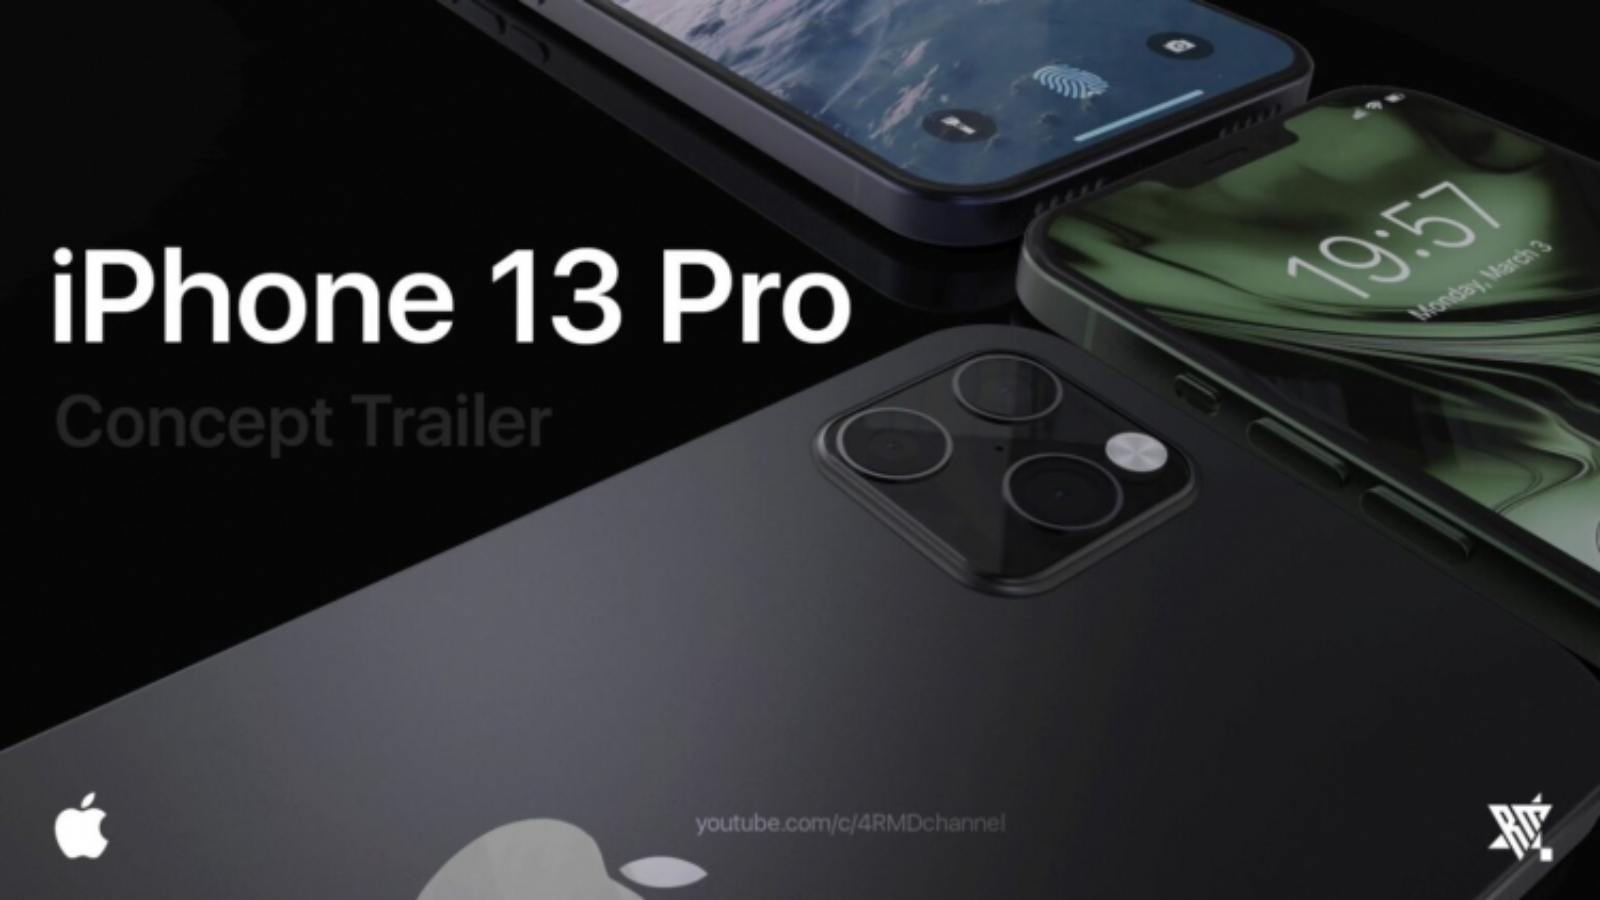 Ngắm vẻ đẹp iPhone 13 Pro đa màu sắc trong ý tưởng thiết kế